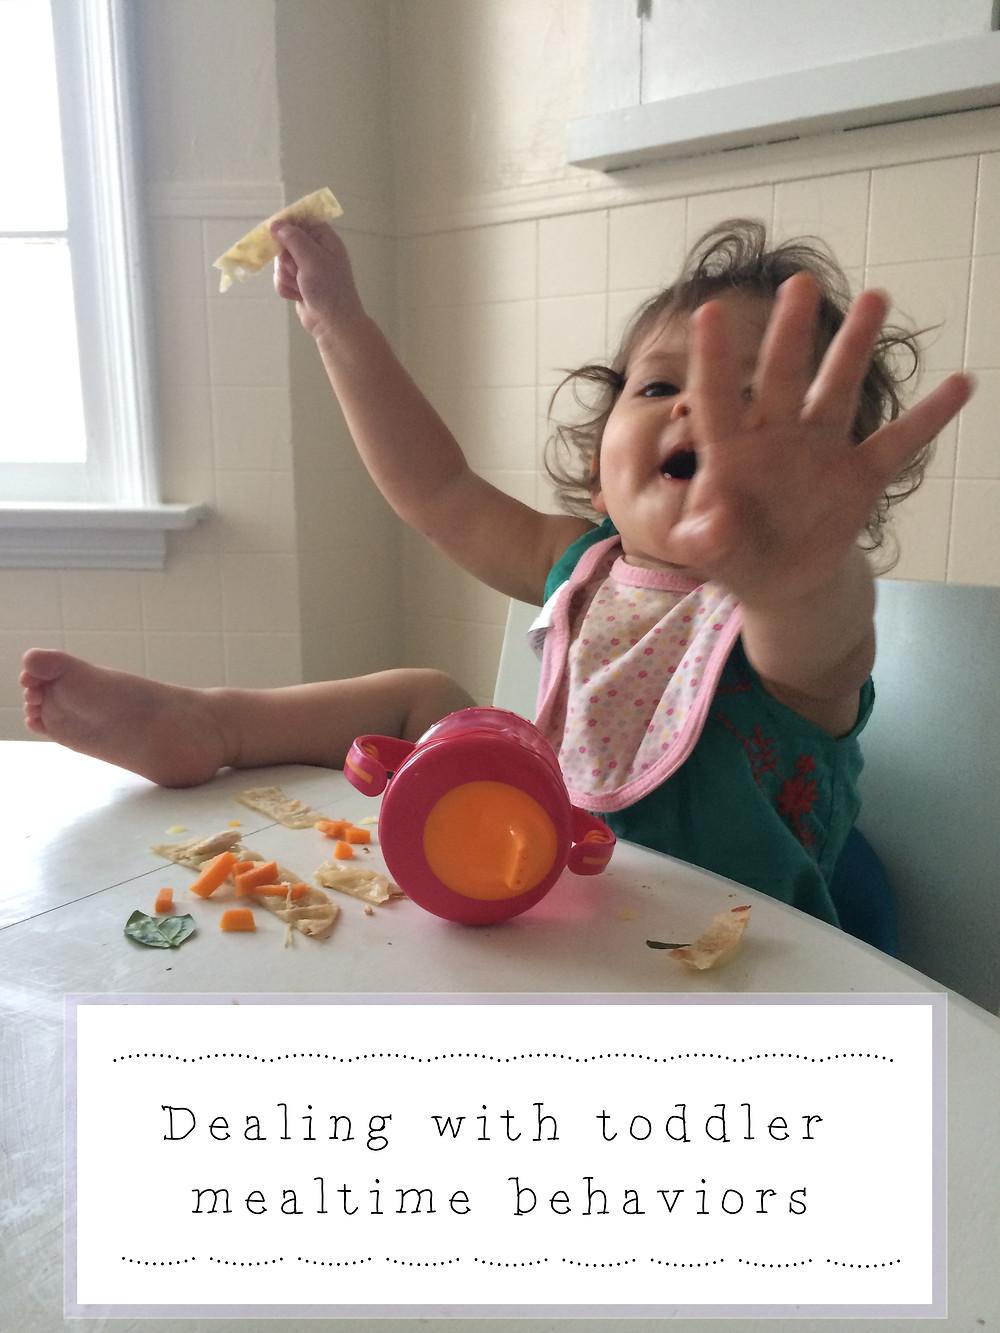 Toddler_Mealtime_Behaviors.jpg